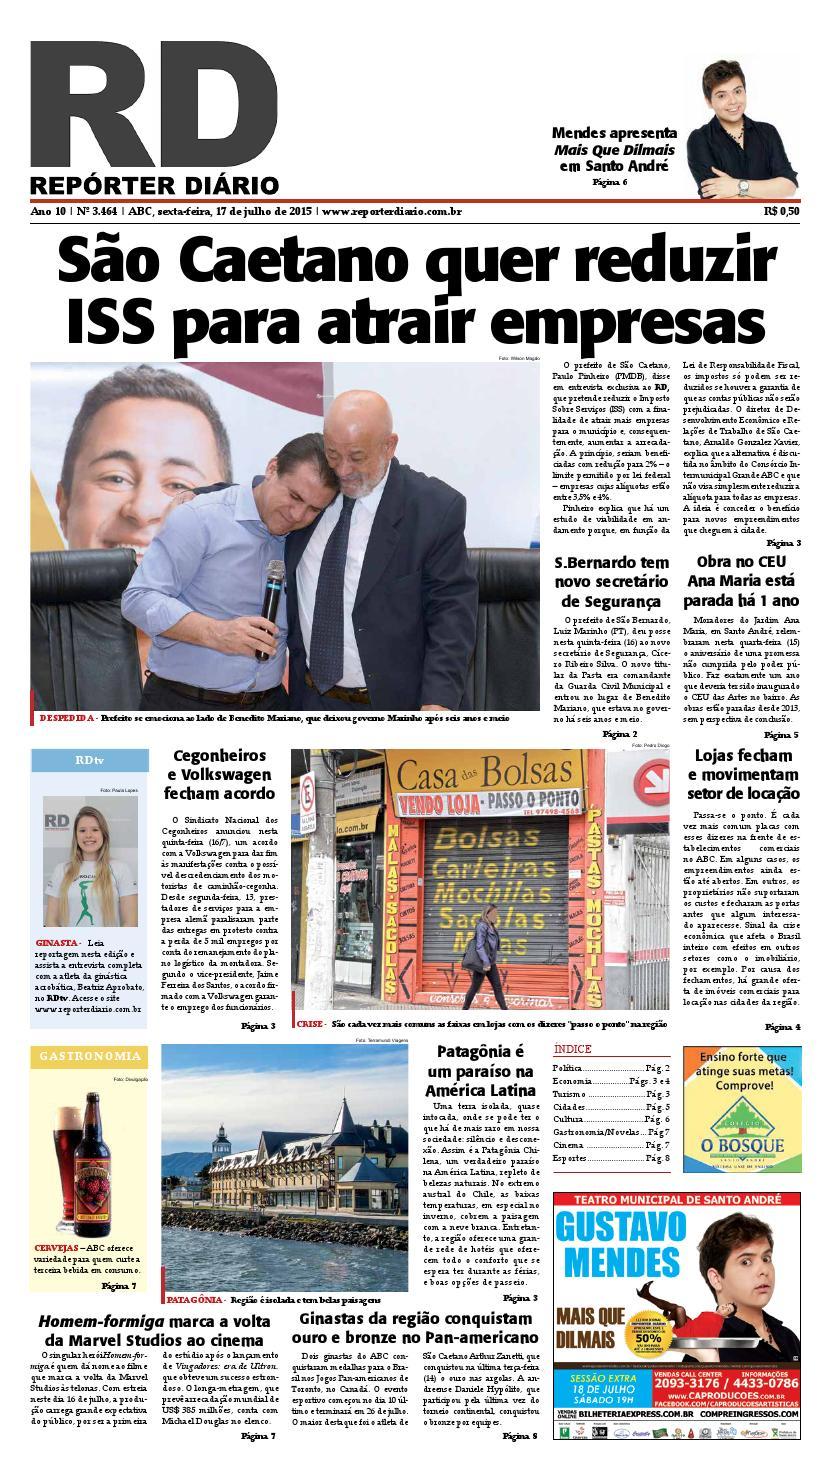 dd89a0e05 Edição 17072015 by Repórter Diário - issuu